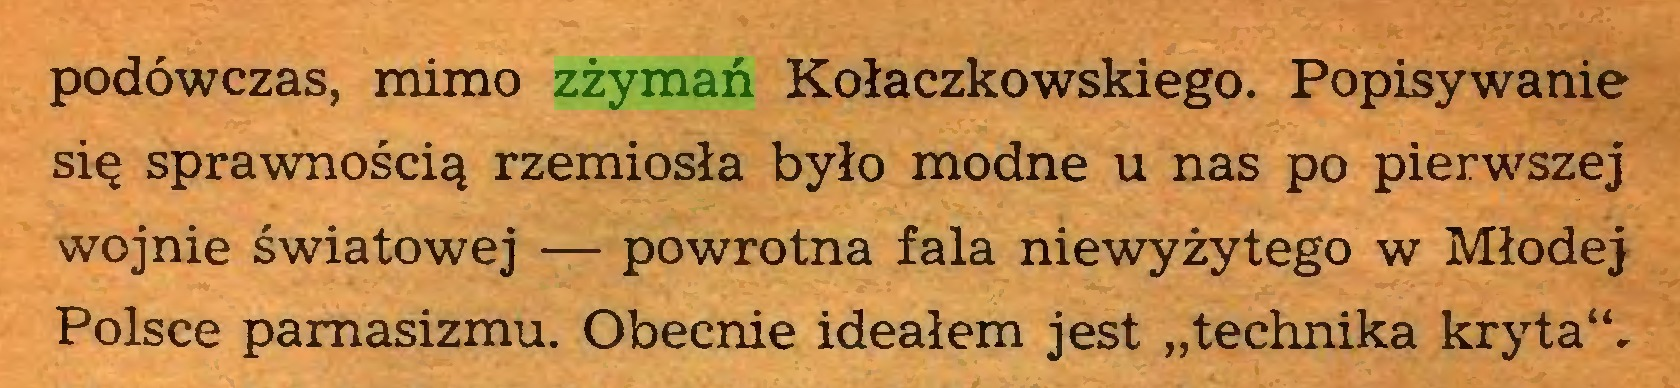 """(...) podówczas, mimo zżymań Kołaczkowskiego. Popisywanie się sprawnością rzemiosła było modne u nas po pierwszej wojnie światowej — powrotna fala niewyżytego w Młodej Polsce pamasizmu. Obecnie ideałem jest """"technika kryta""""..."""